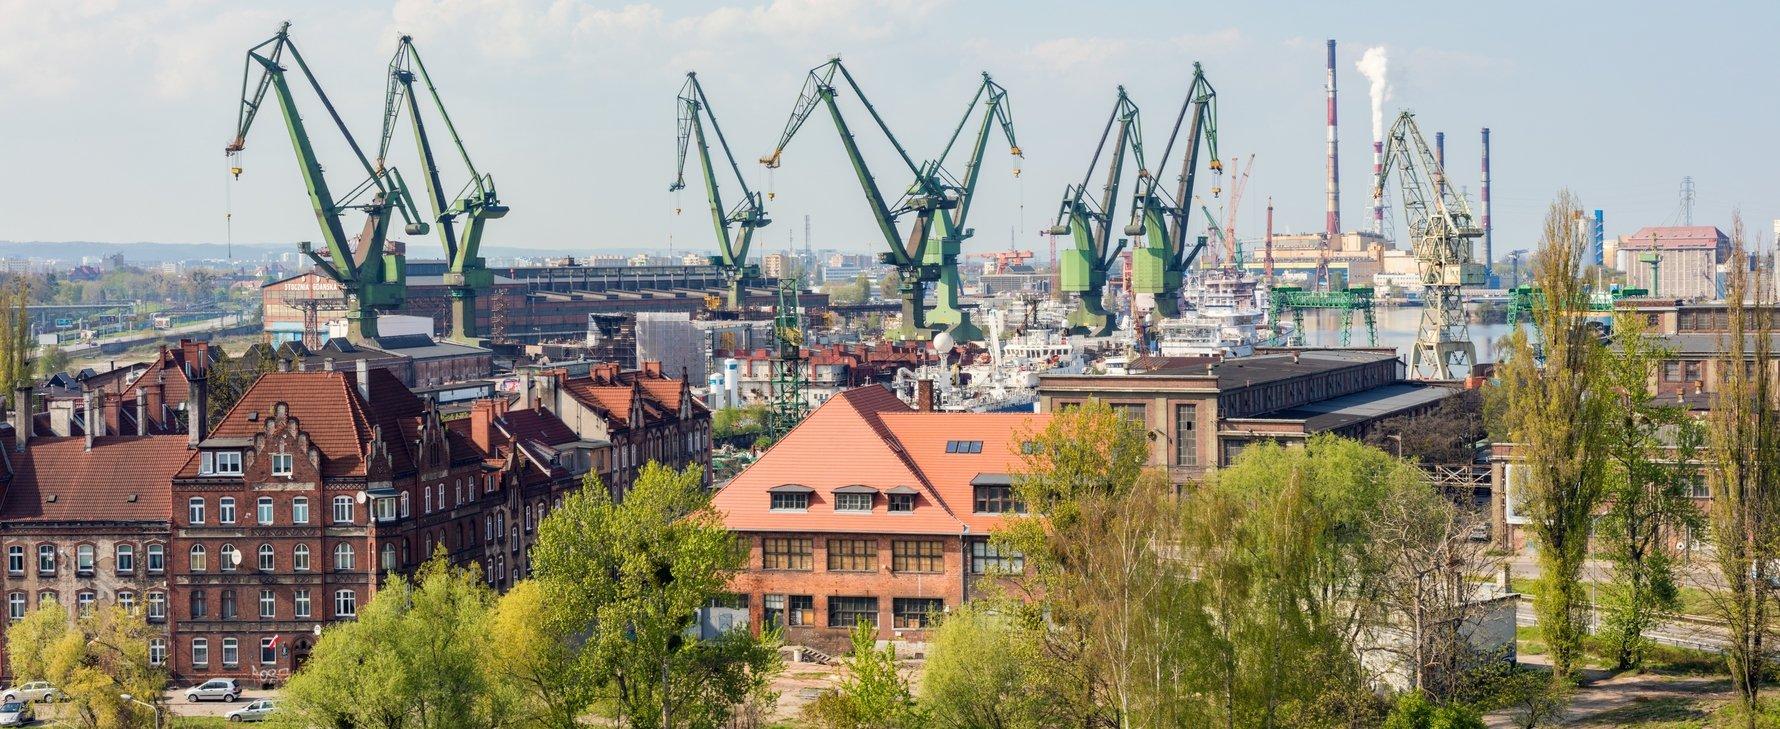 Gdańsk Shipyards